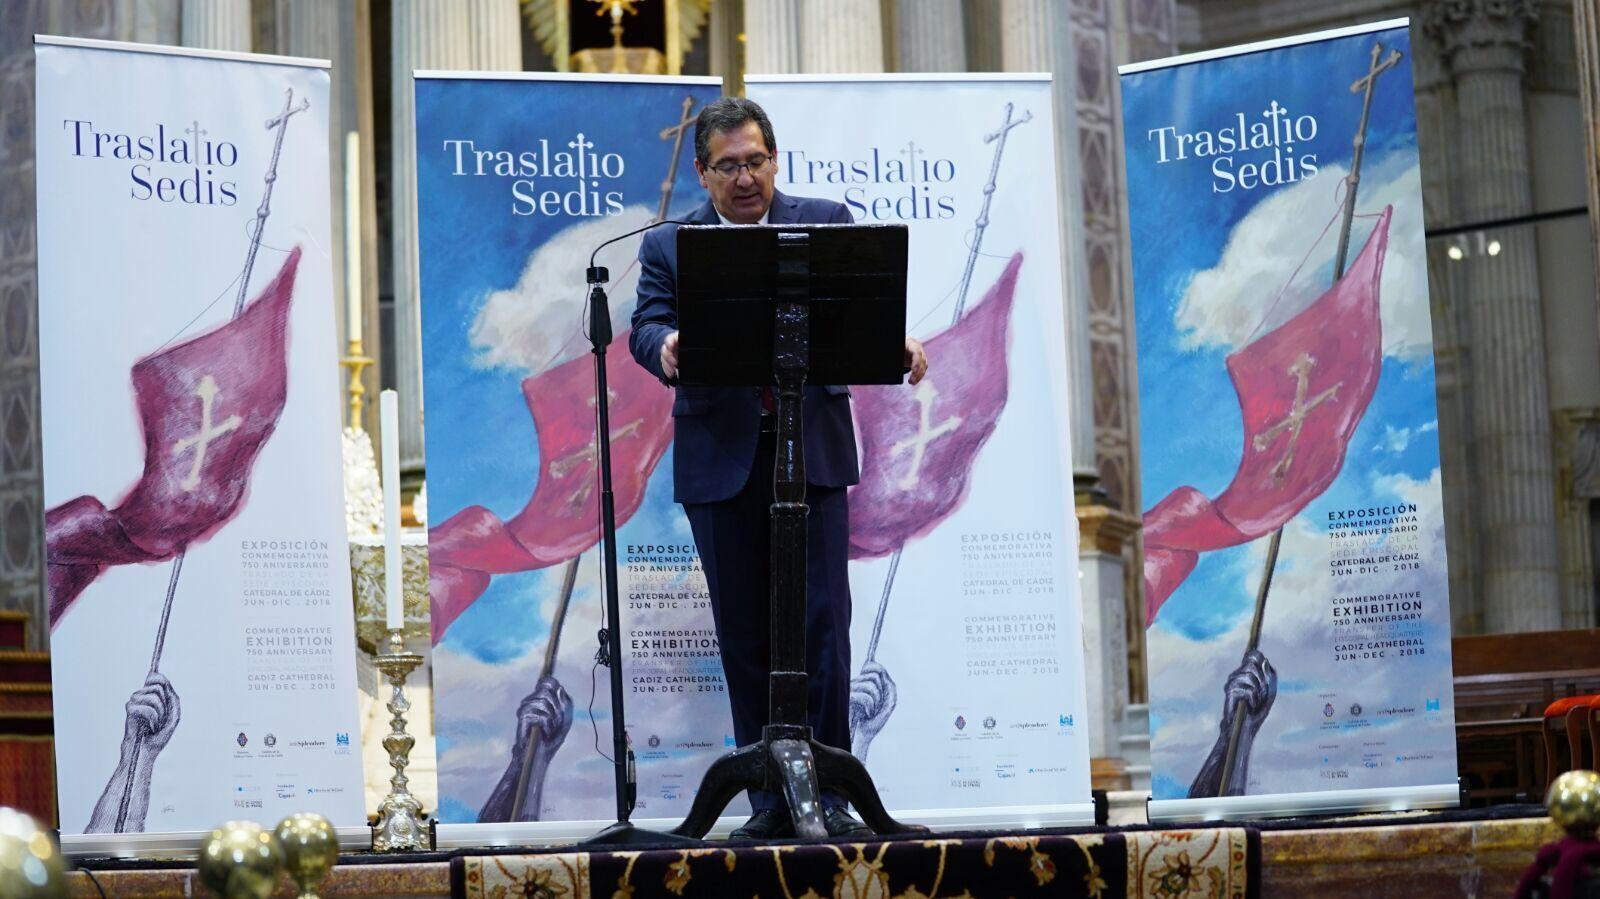 Hoy hemos inaugurado la exposición Traslatio Sedis, que conmemora el 750 aniversario del traslado de la sede episcopal de Medina Sidonia a Cádiz, con la participación de la Fundación Cajasol, la Diócesis de Cádiz y Ceuta, la Fundación las Edades del Hombre, CaixaBank y Artisplendore.